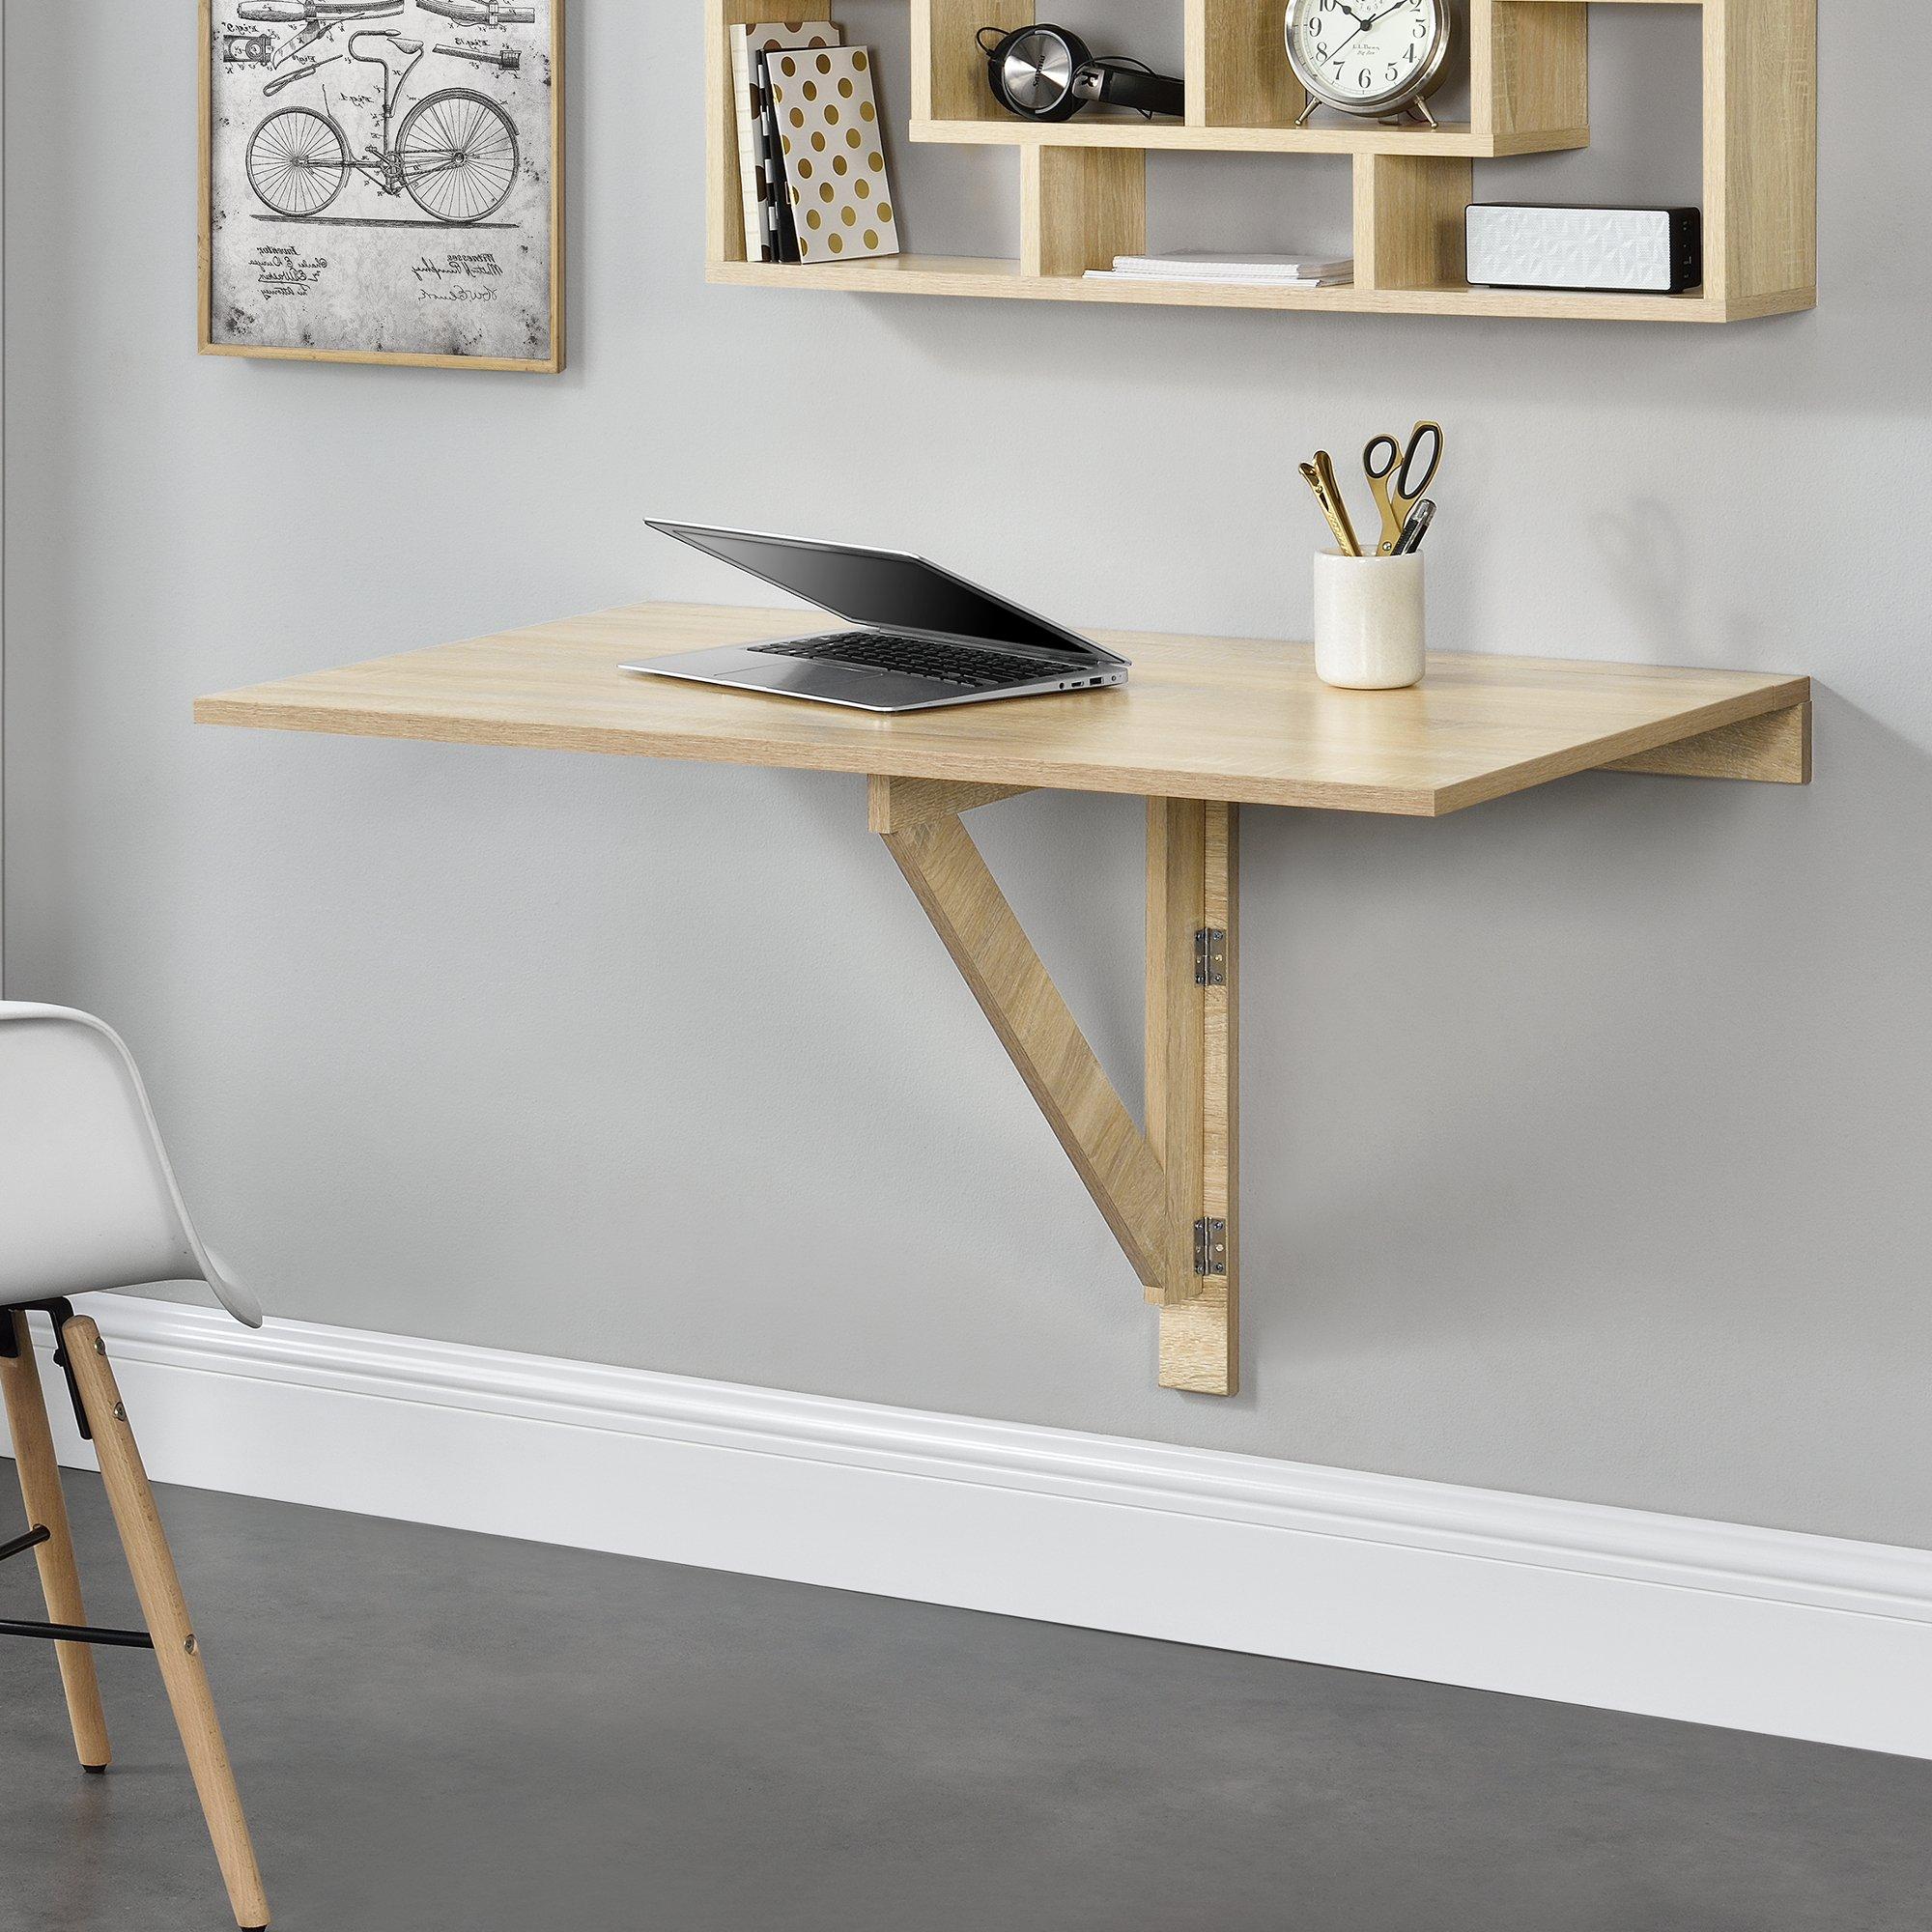 Tavolo A Muro Pieghevole.En Casa Tavolino Da Muro Pieghevole Scrivania Tavolo Da Pranzo 100 X 60 X 58 Cm Effetto Faggio